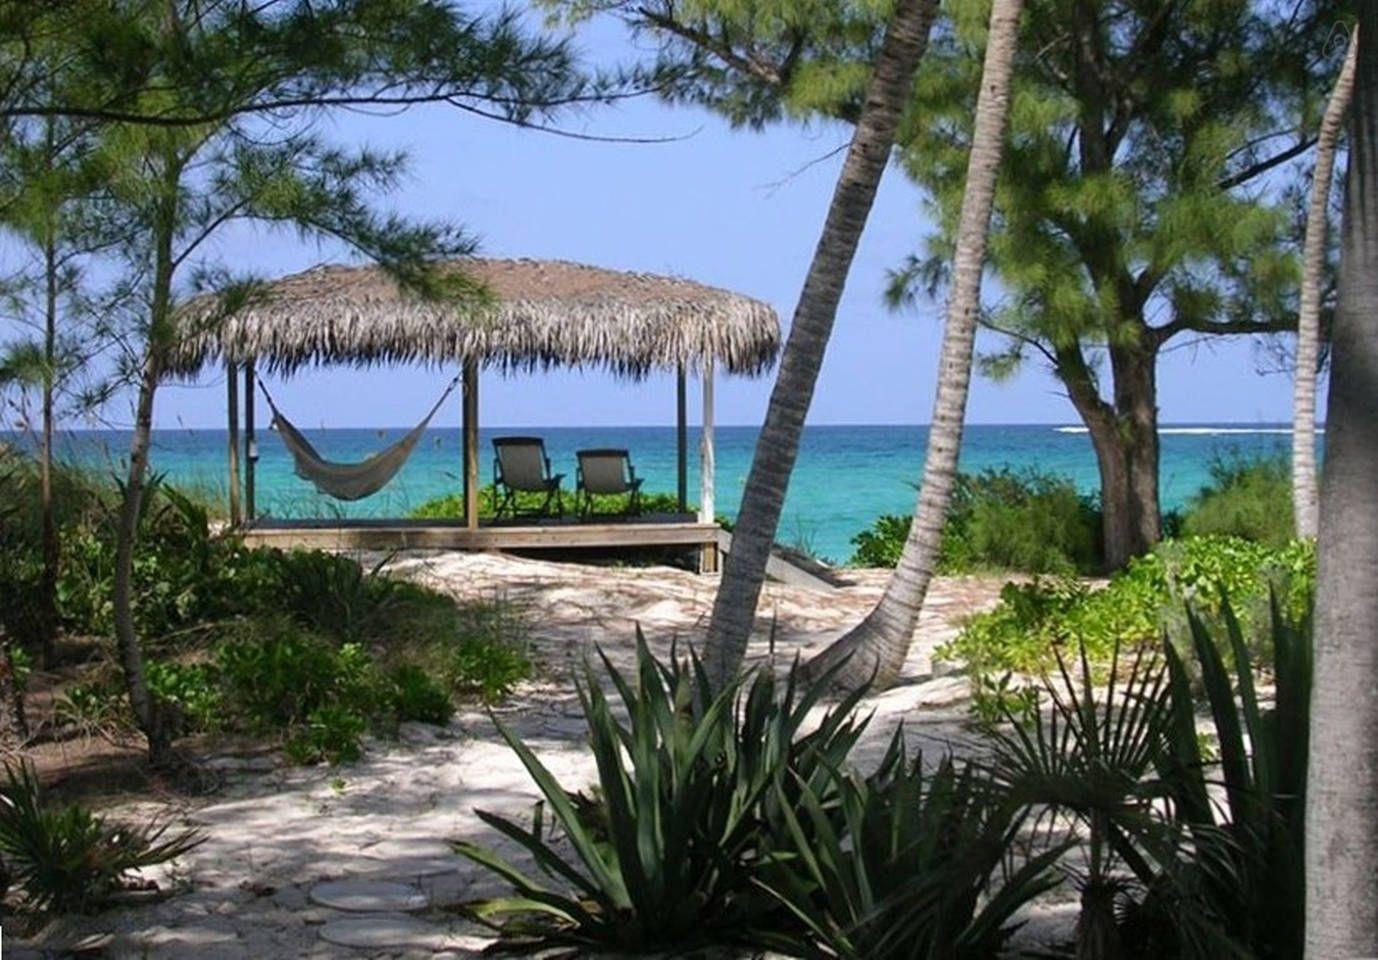 Bahamas 350night Enjoy the beach from